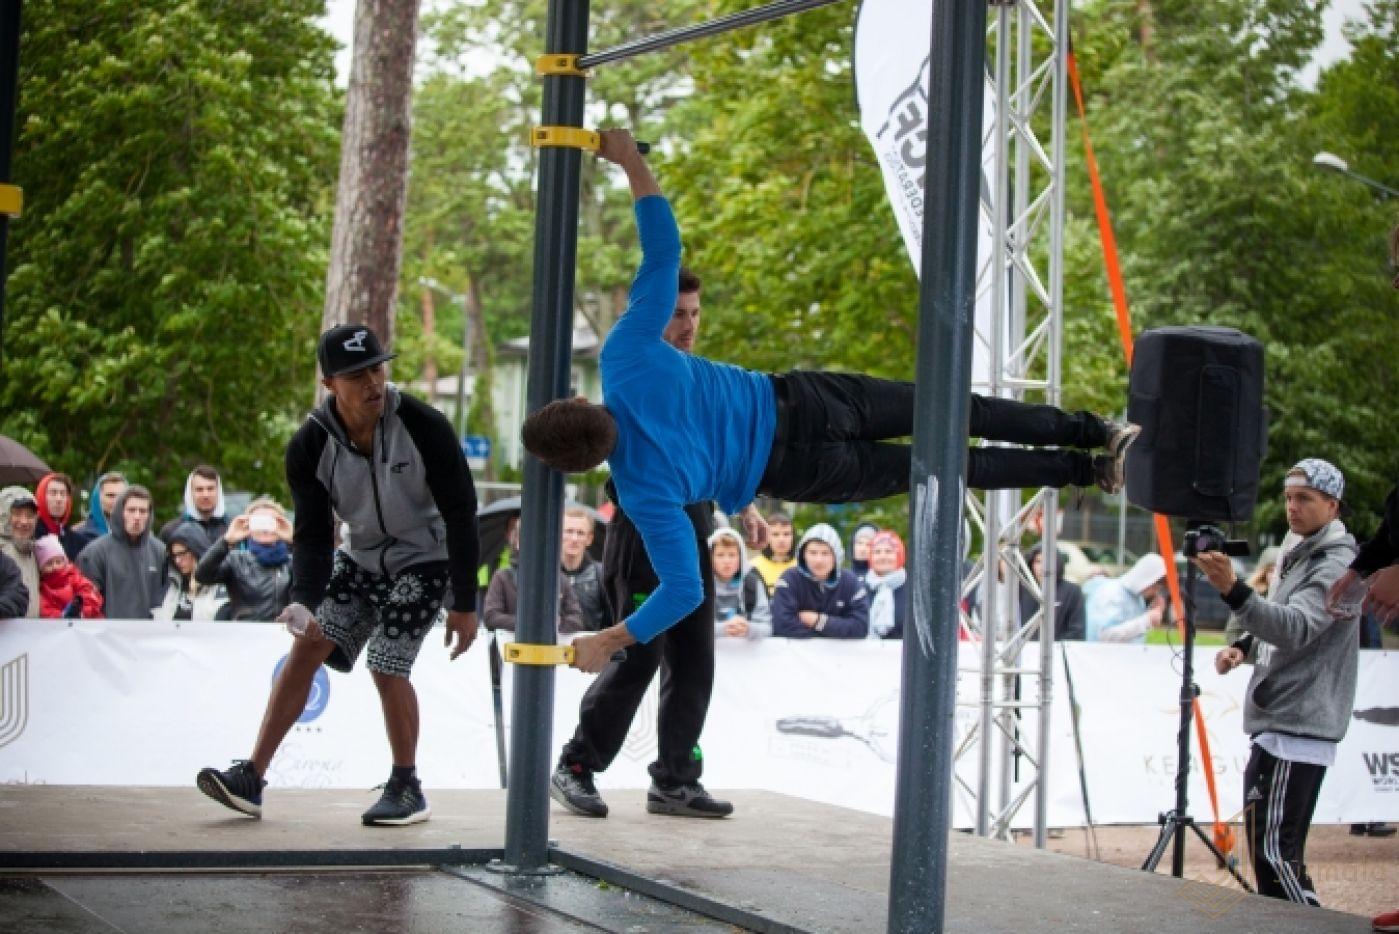 The festival in Jurmala is in full swing 29.07.2009 70